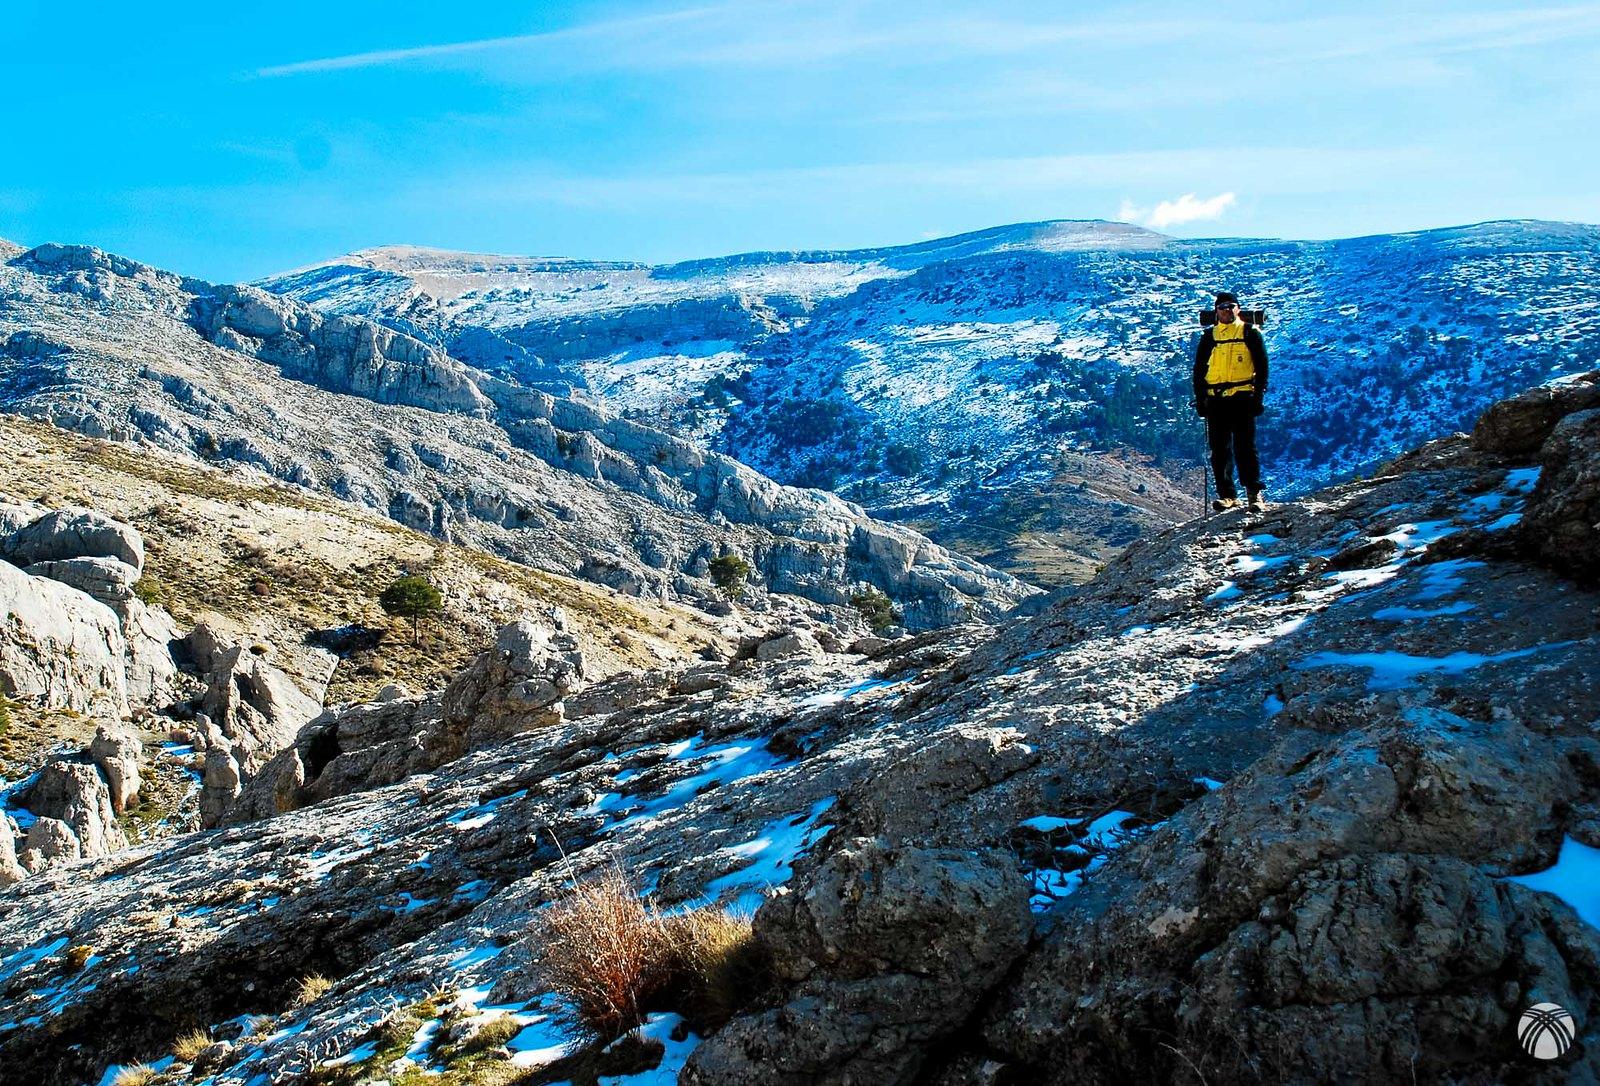 Bartolo y detrás al fondo Sierra Seca por donde regresaremos mañana